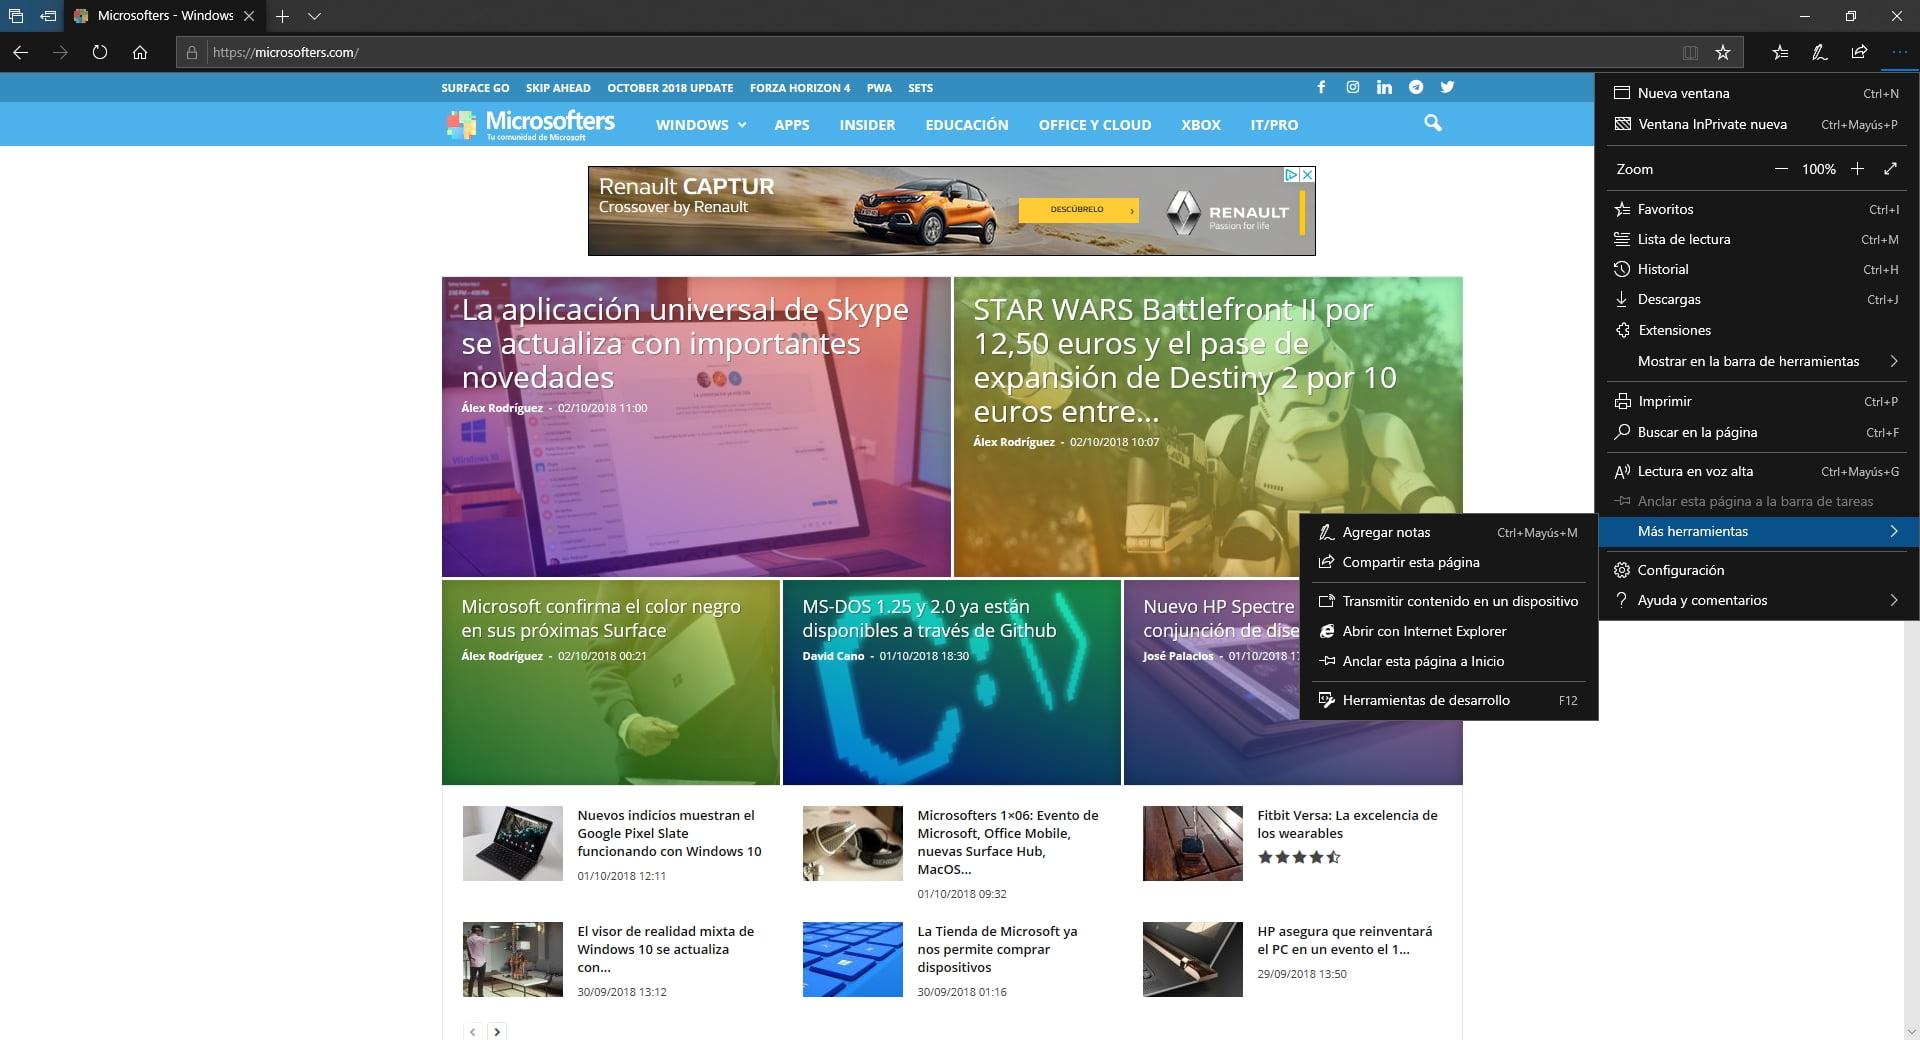 Más herramienta de Microsoft Edge